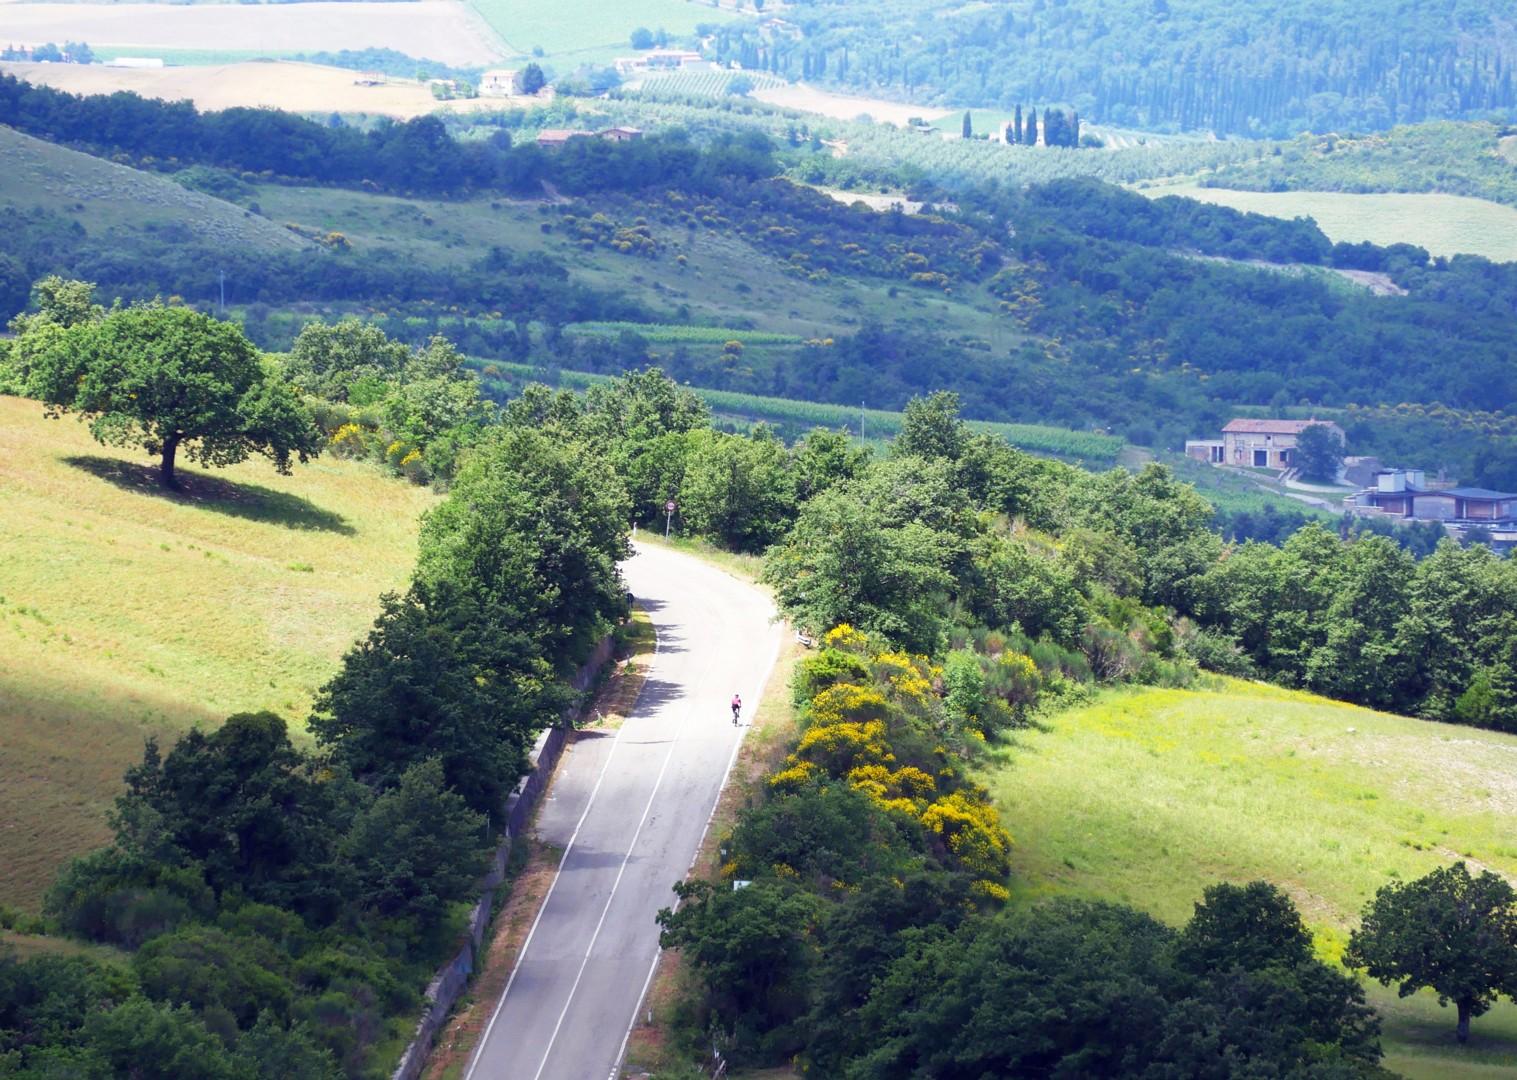 road-cycling-tuscany-italy.jpg - Italy - Tuscany Tourer - Road Cycling